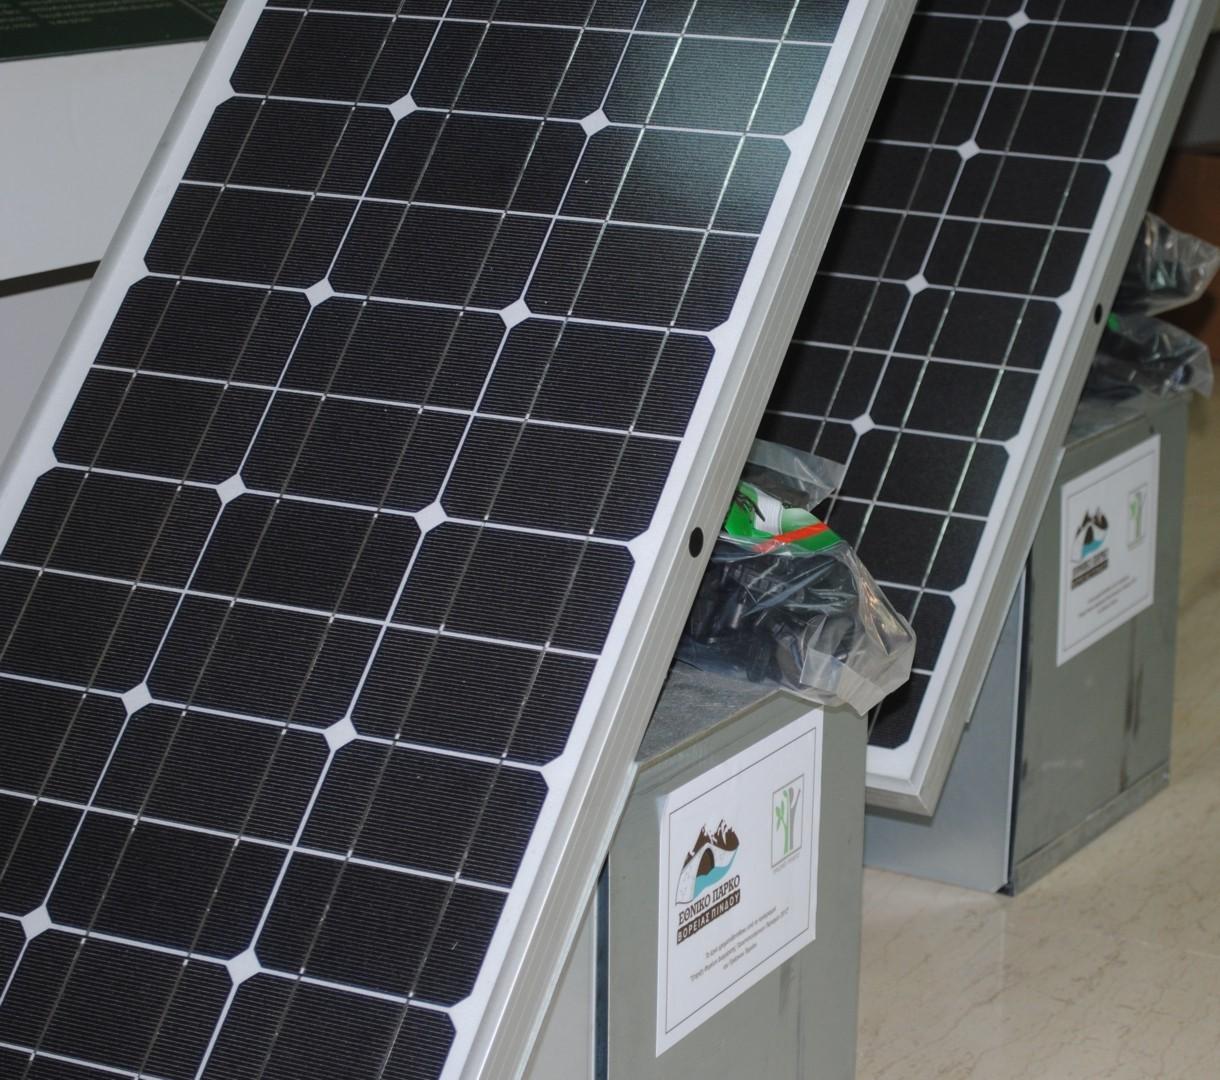 Δωρεάν παραχώρηση εννέα Ηλεκτροφόρων Περιφράξεων- Τέσσερις περιφράξεις σε παραγωγούς του Νομού Γρεβενών